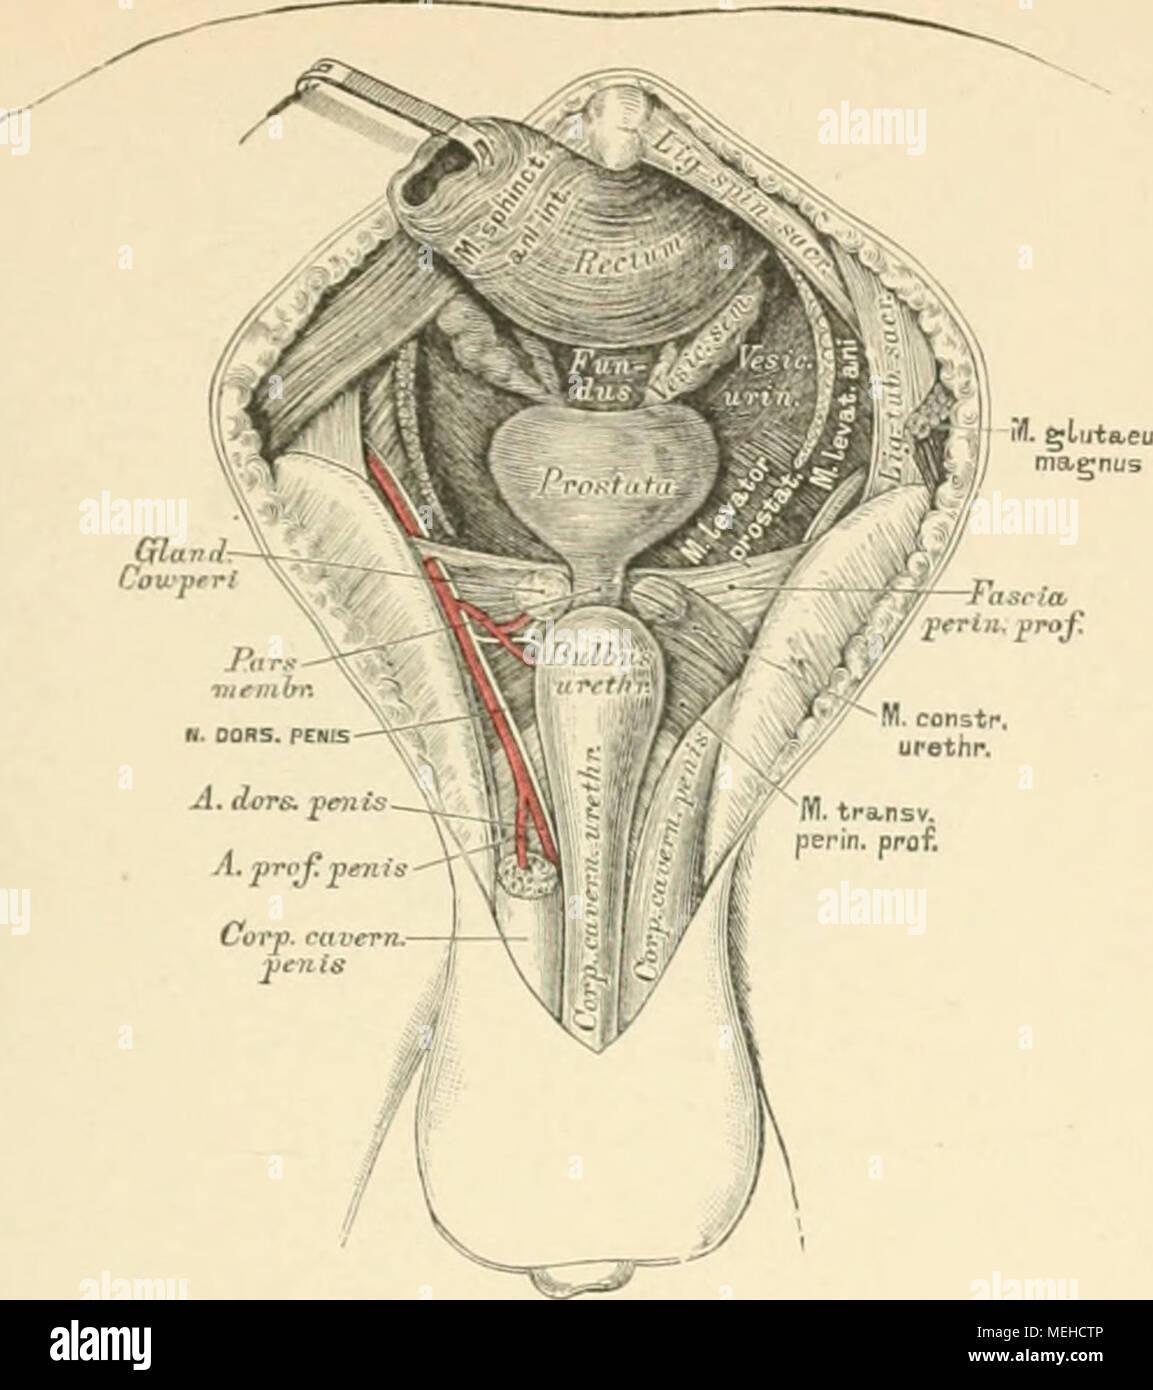 Tolle Anatomie Und Physiologie Der Prostata Ppt Galerie ...